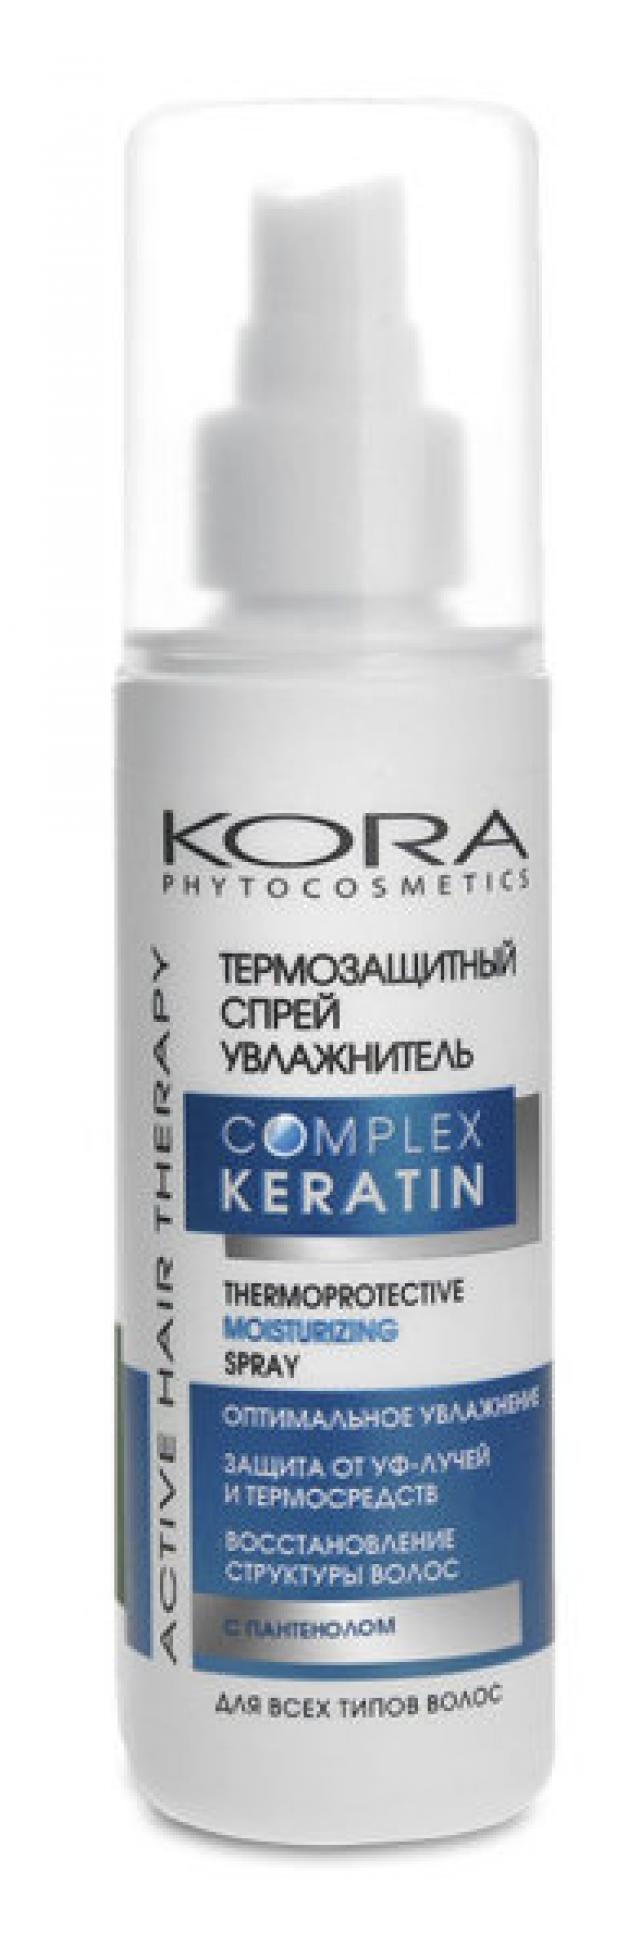 Кора спрей для волос термозащ.увлажн. 150мл 45758 купить в Москве по цене от 327 рублей